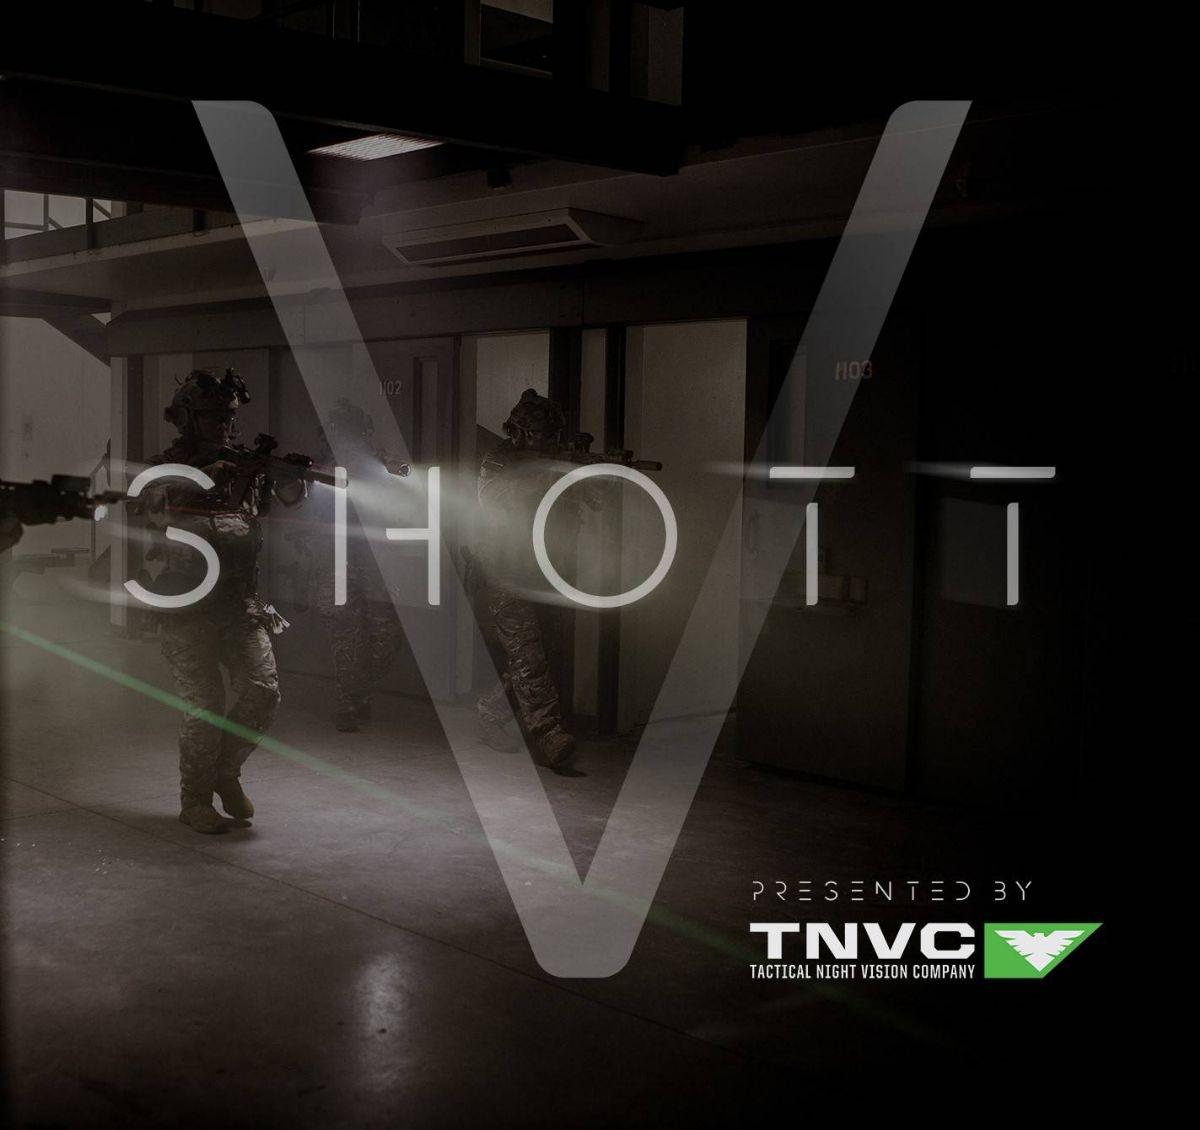 vSHOTT-1785165.jpg